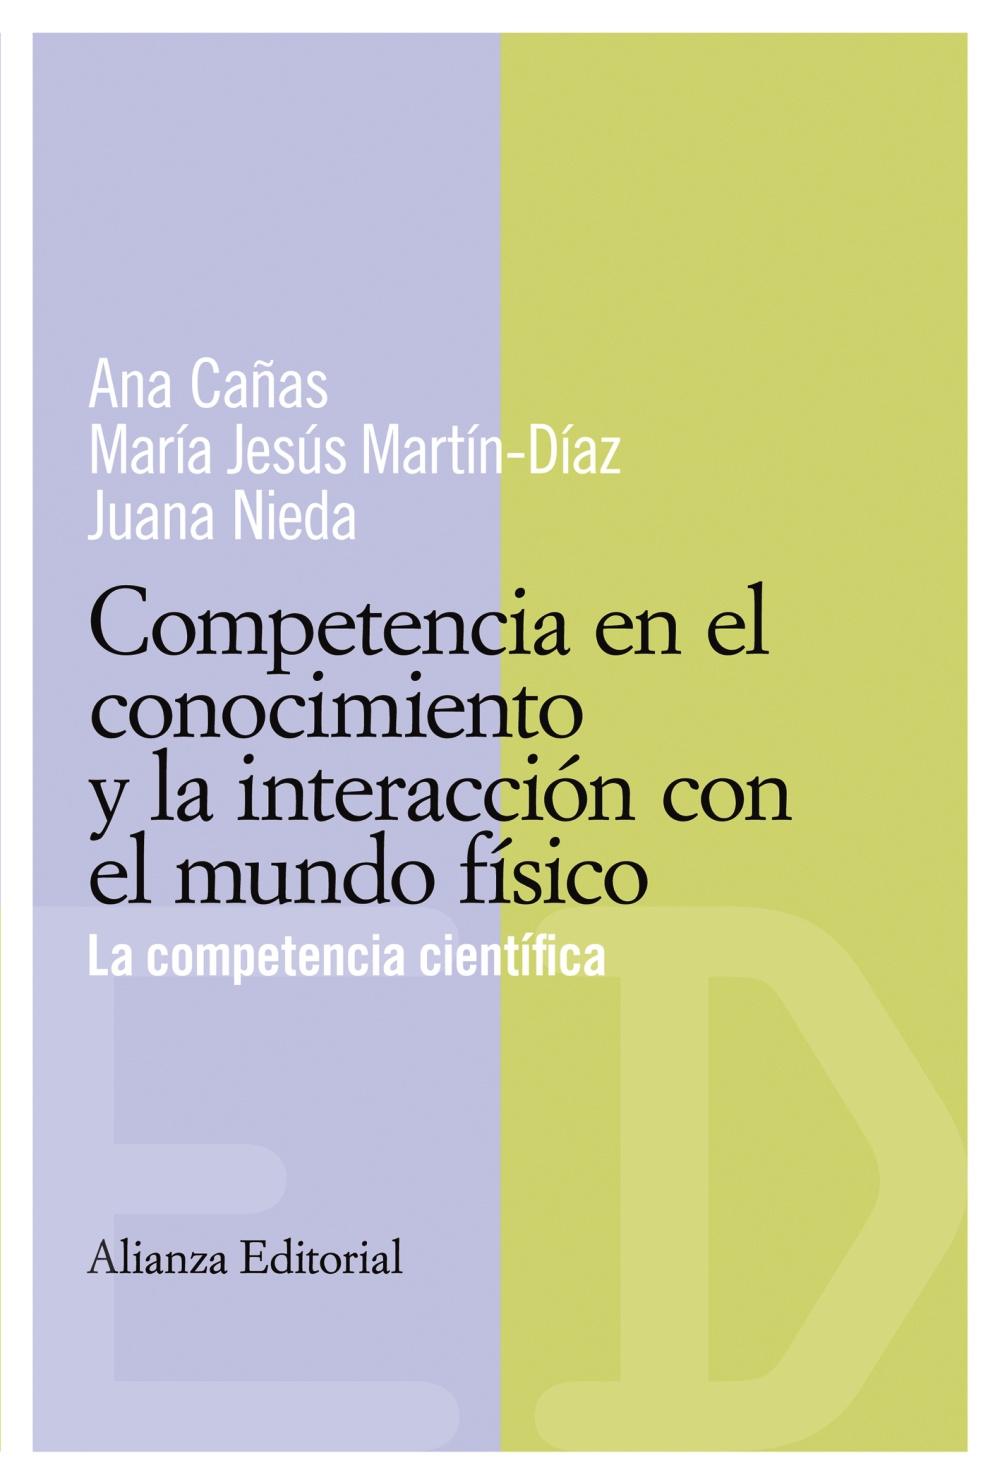 Competencia En El Conocimiento Y La Interaccion Con El Mundo Fisi Co: La Competencia Cientifica por Ana Cañas;                                                                                    Maria Jesus Martin-diaz;                                                                                    Juana Nieda Gratis